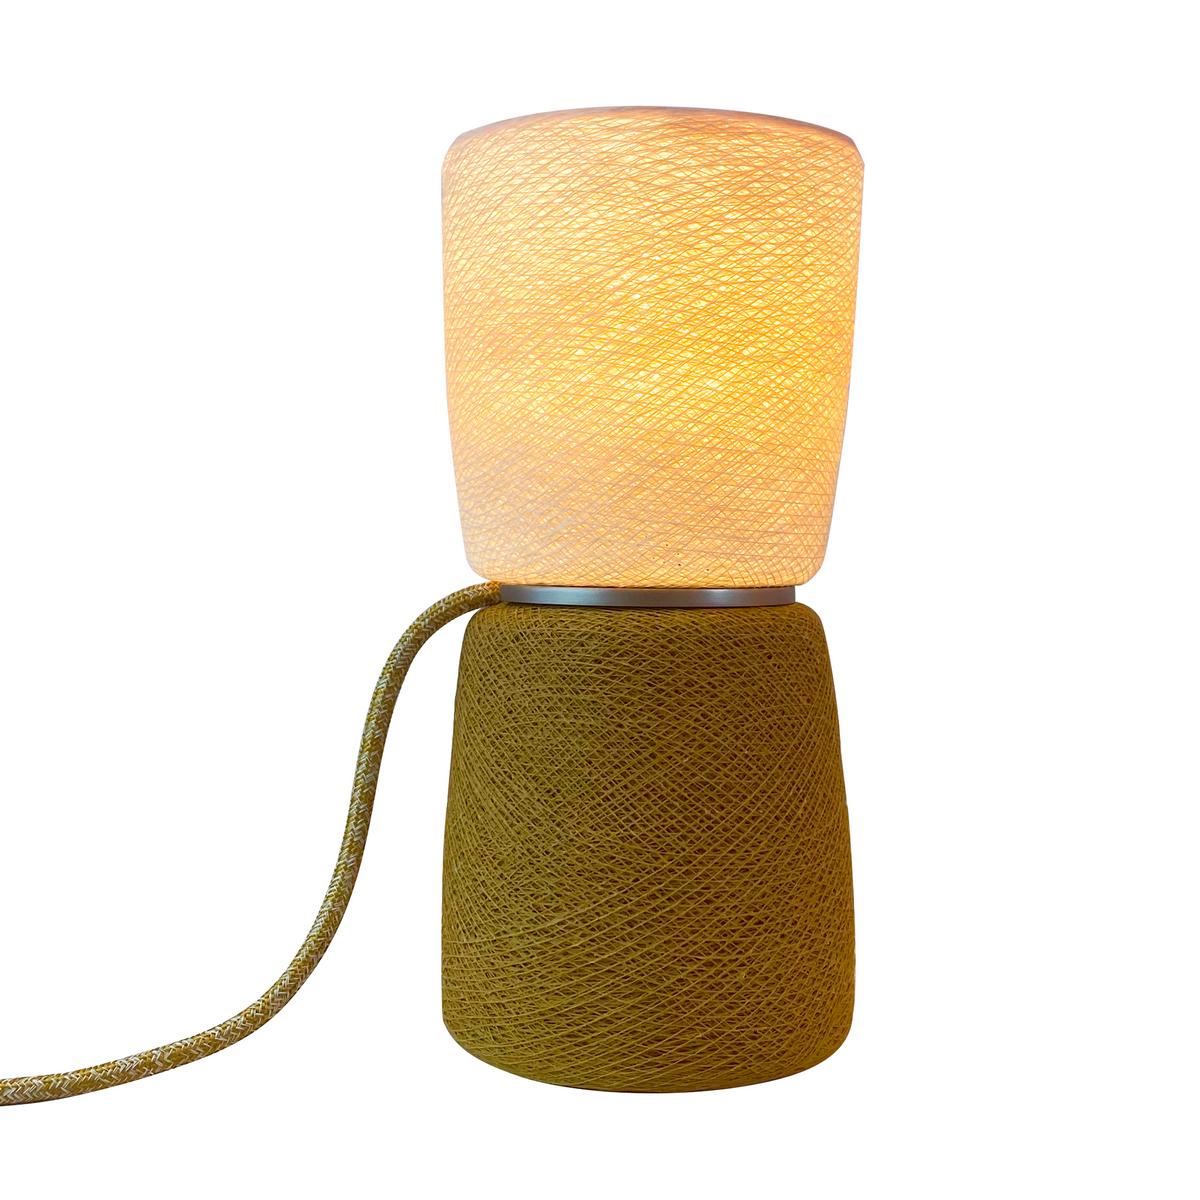 Lampe réversible BAoBA Tabac